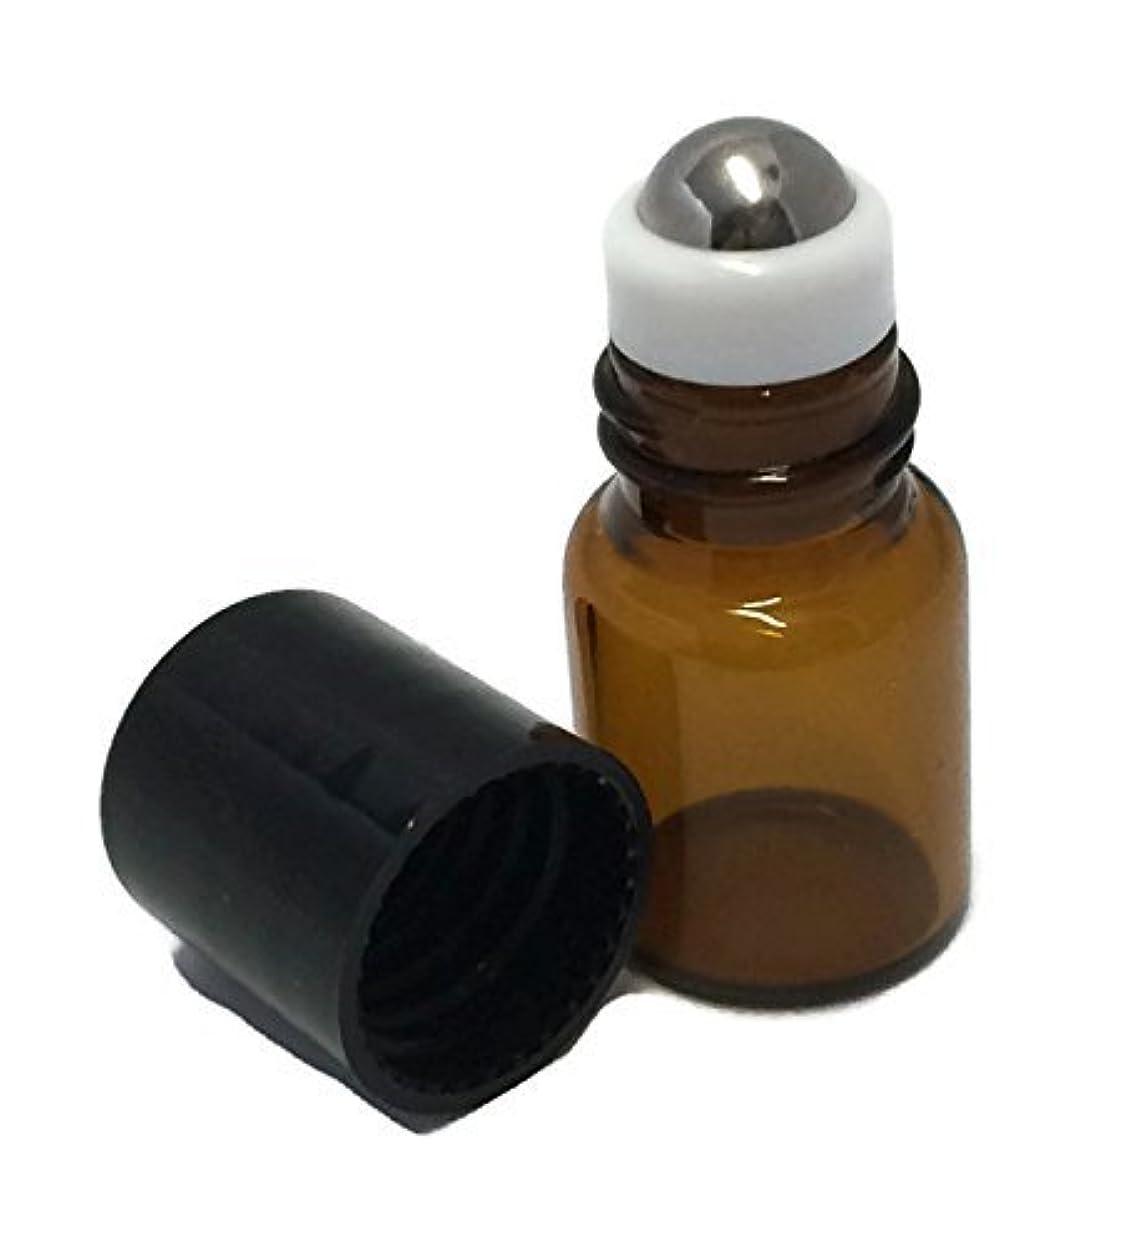 シチリアもしUSA 72ea - Amber Glass 2 ml, 5/8 Dram Mini Roll-On Glass Bottles with Stainless Steel Roller Balls - Refillable...